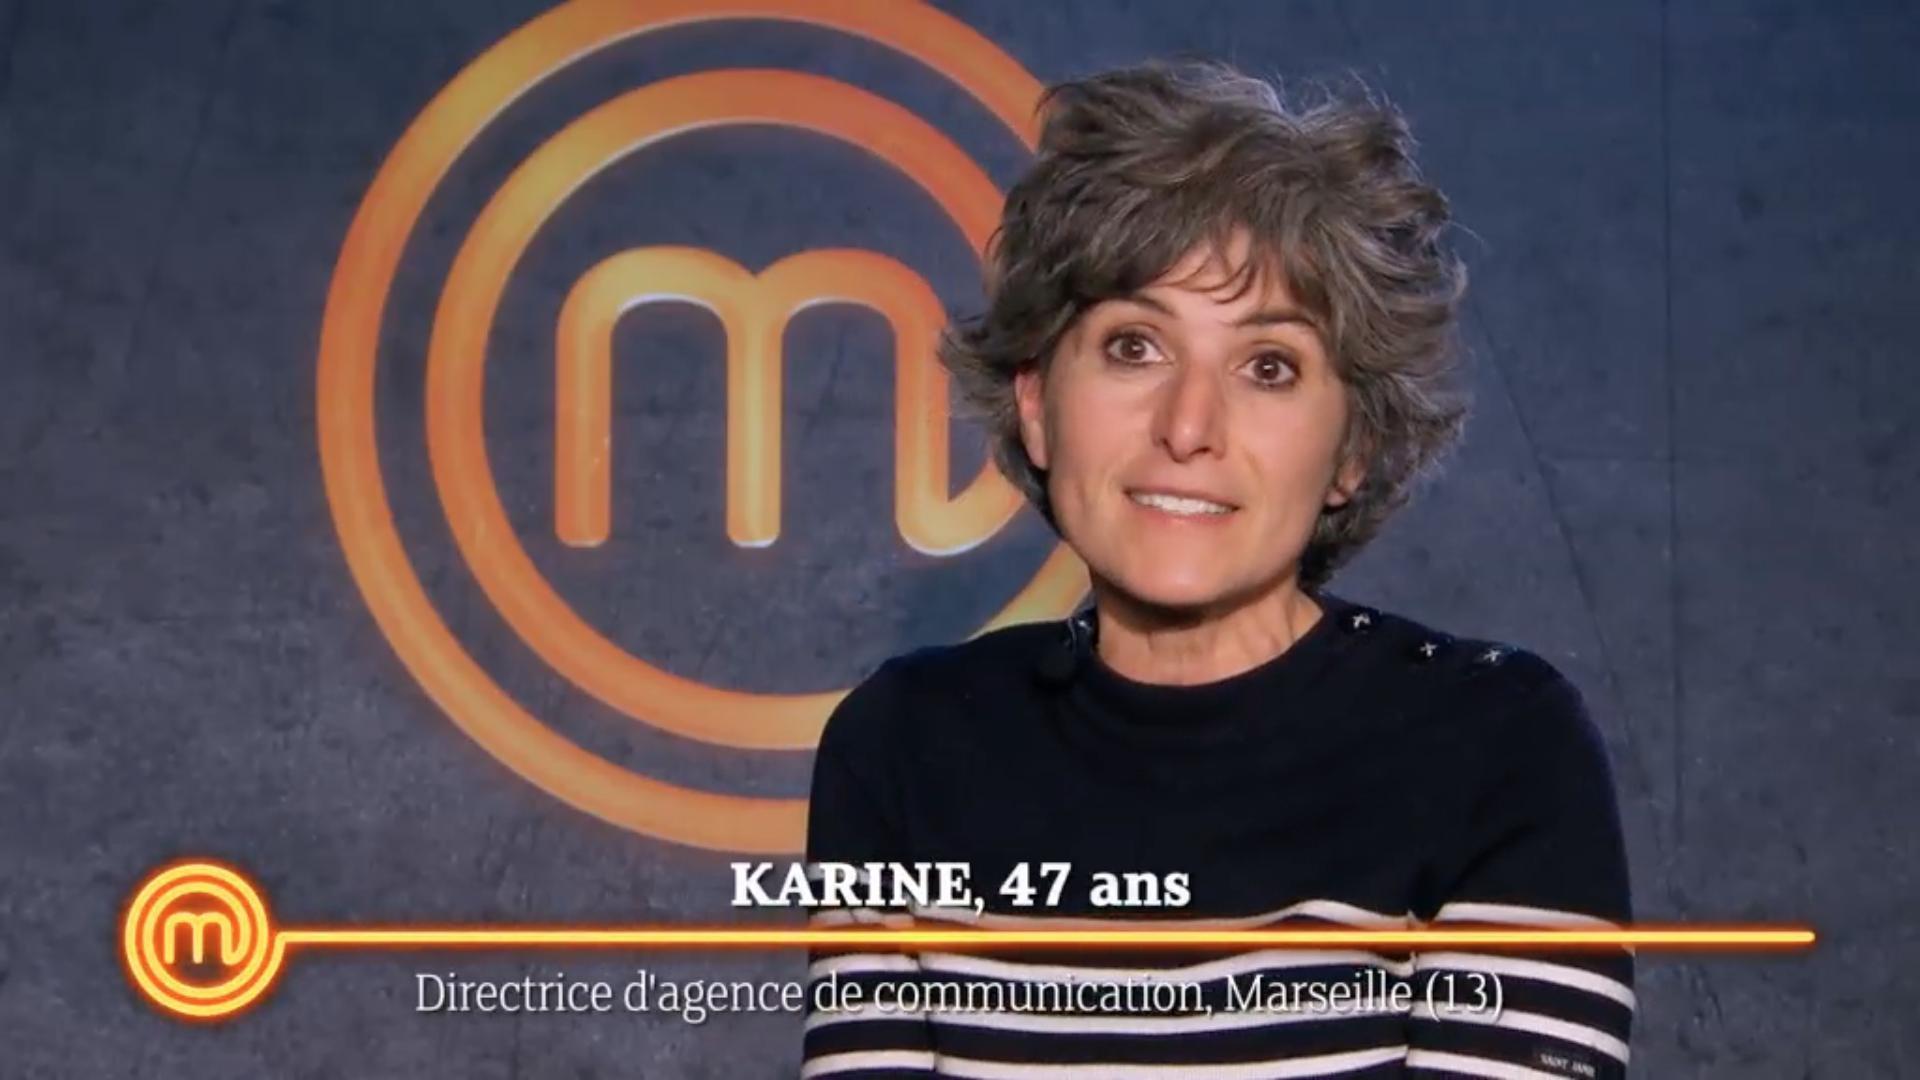 Le portrait de Karine